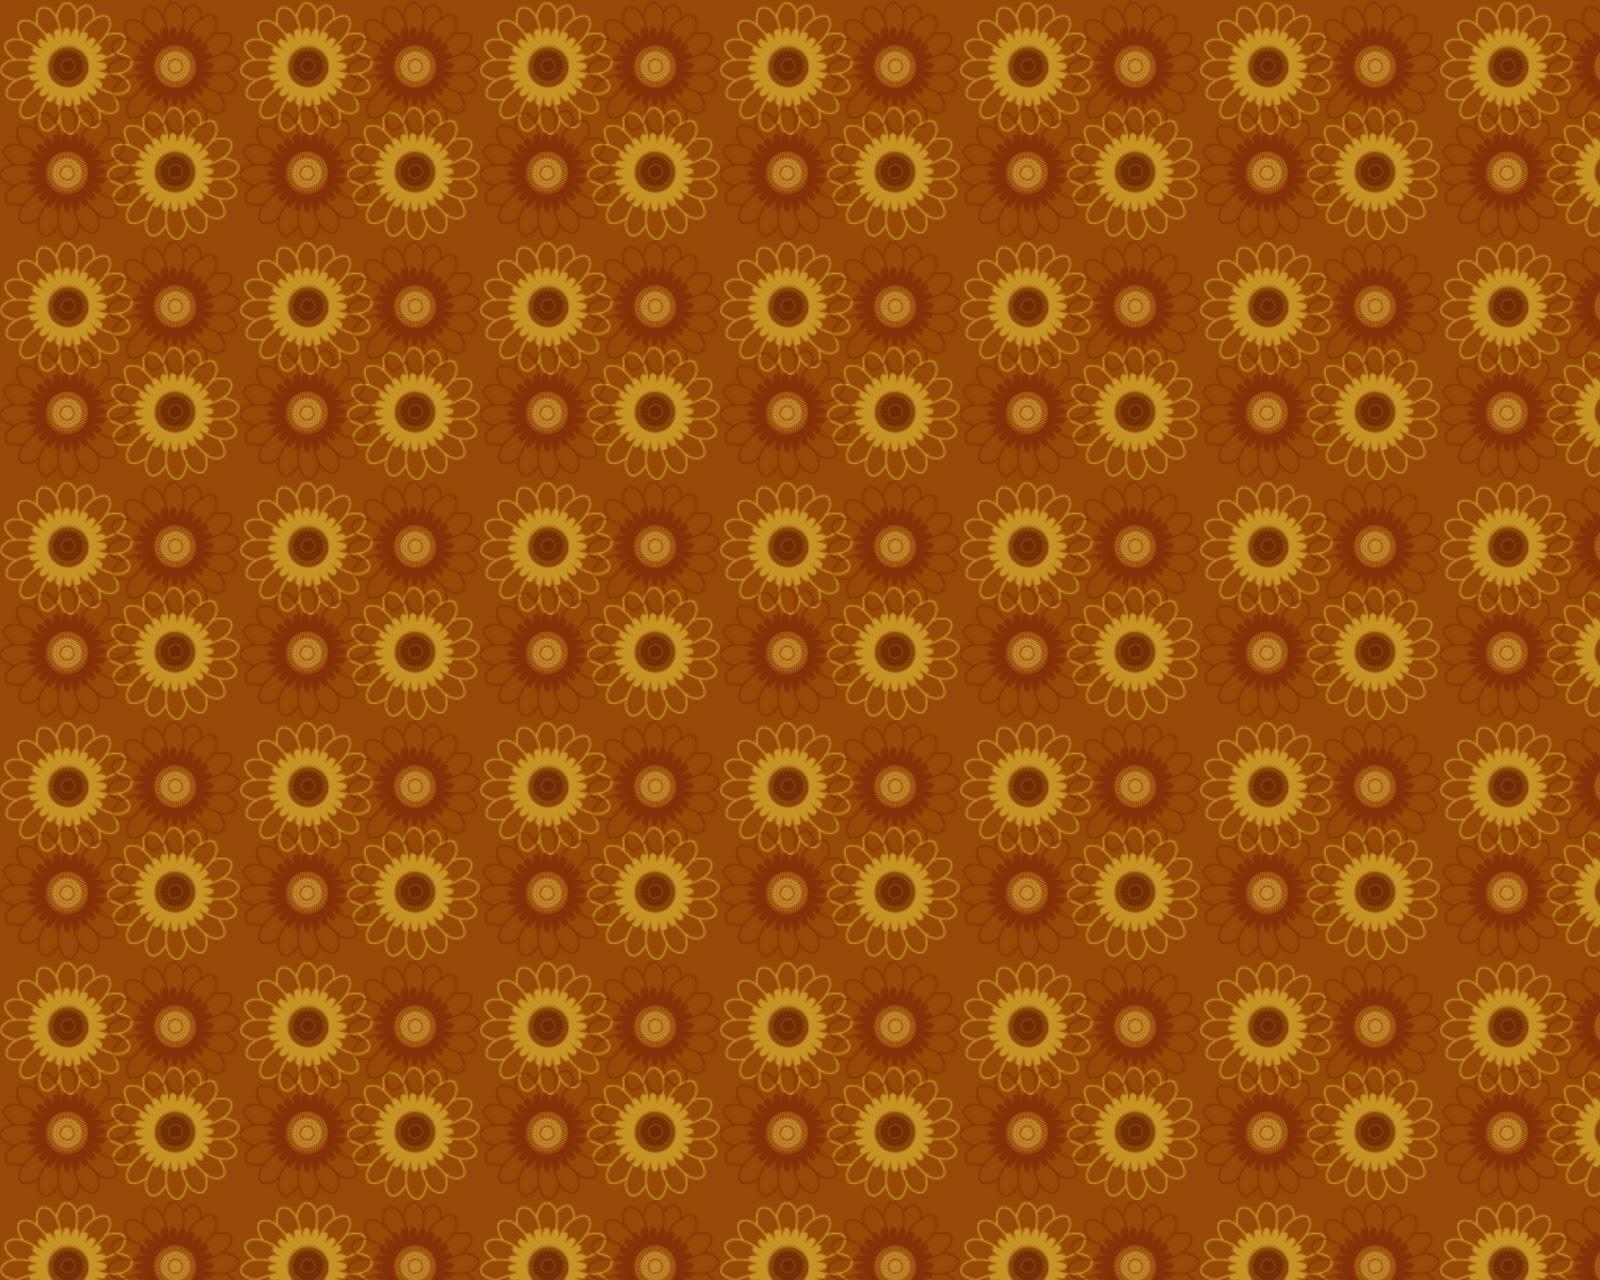 http://4.bp.blogspot.com/-fCZ9MzdfeNM/UGw3VzBxhuI/AAAAAAAAFuE/_ghQQ-UOHTw/s1600/wallpaper+jill+14.jpg